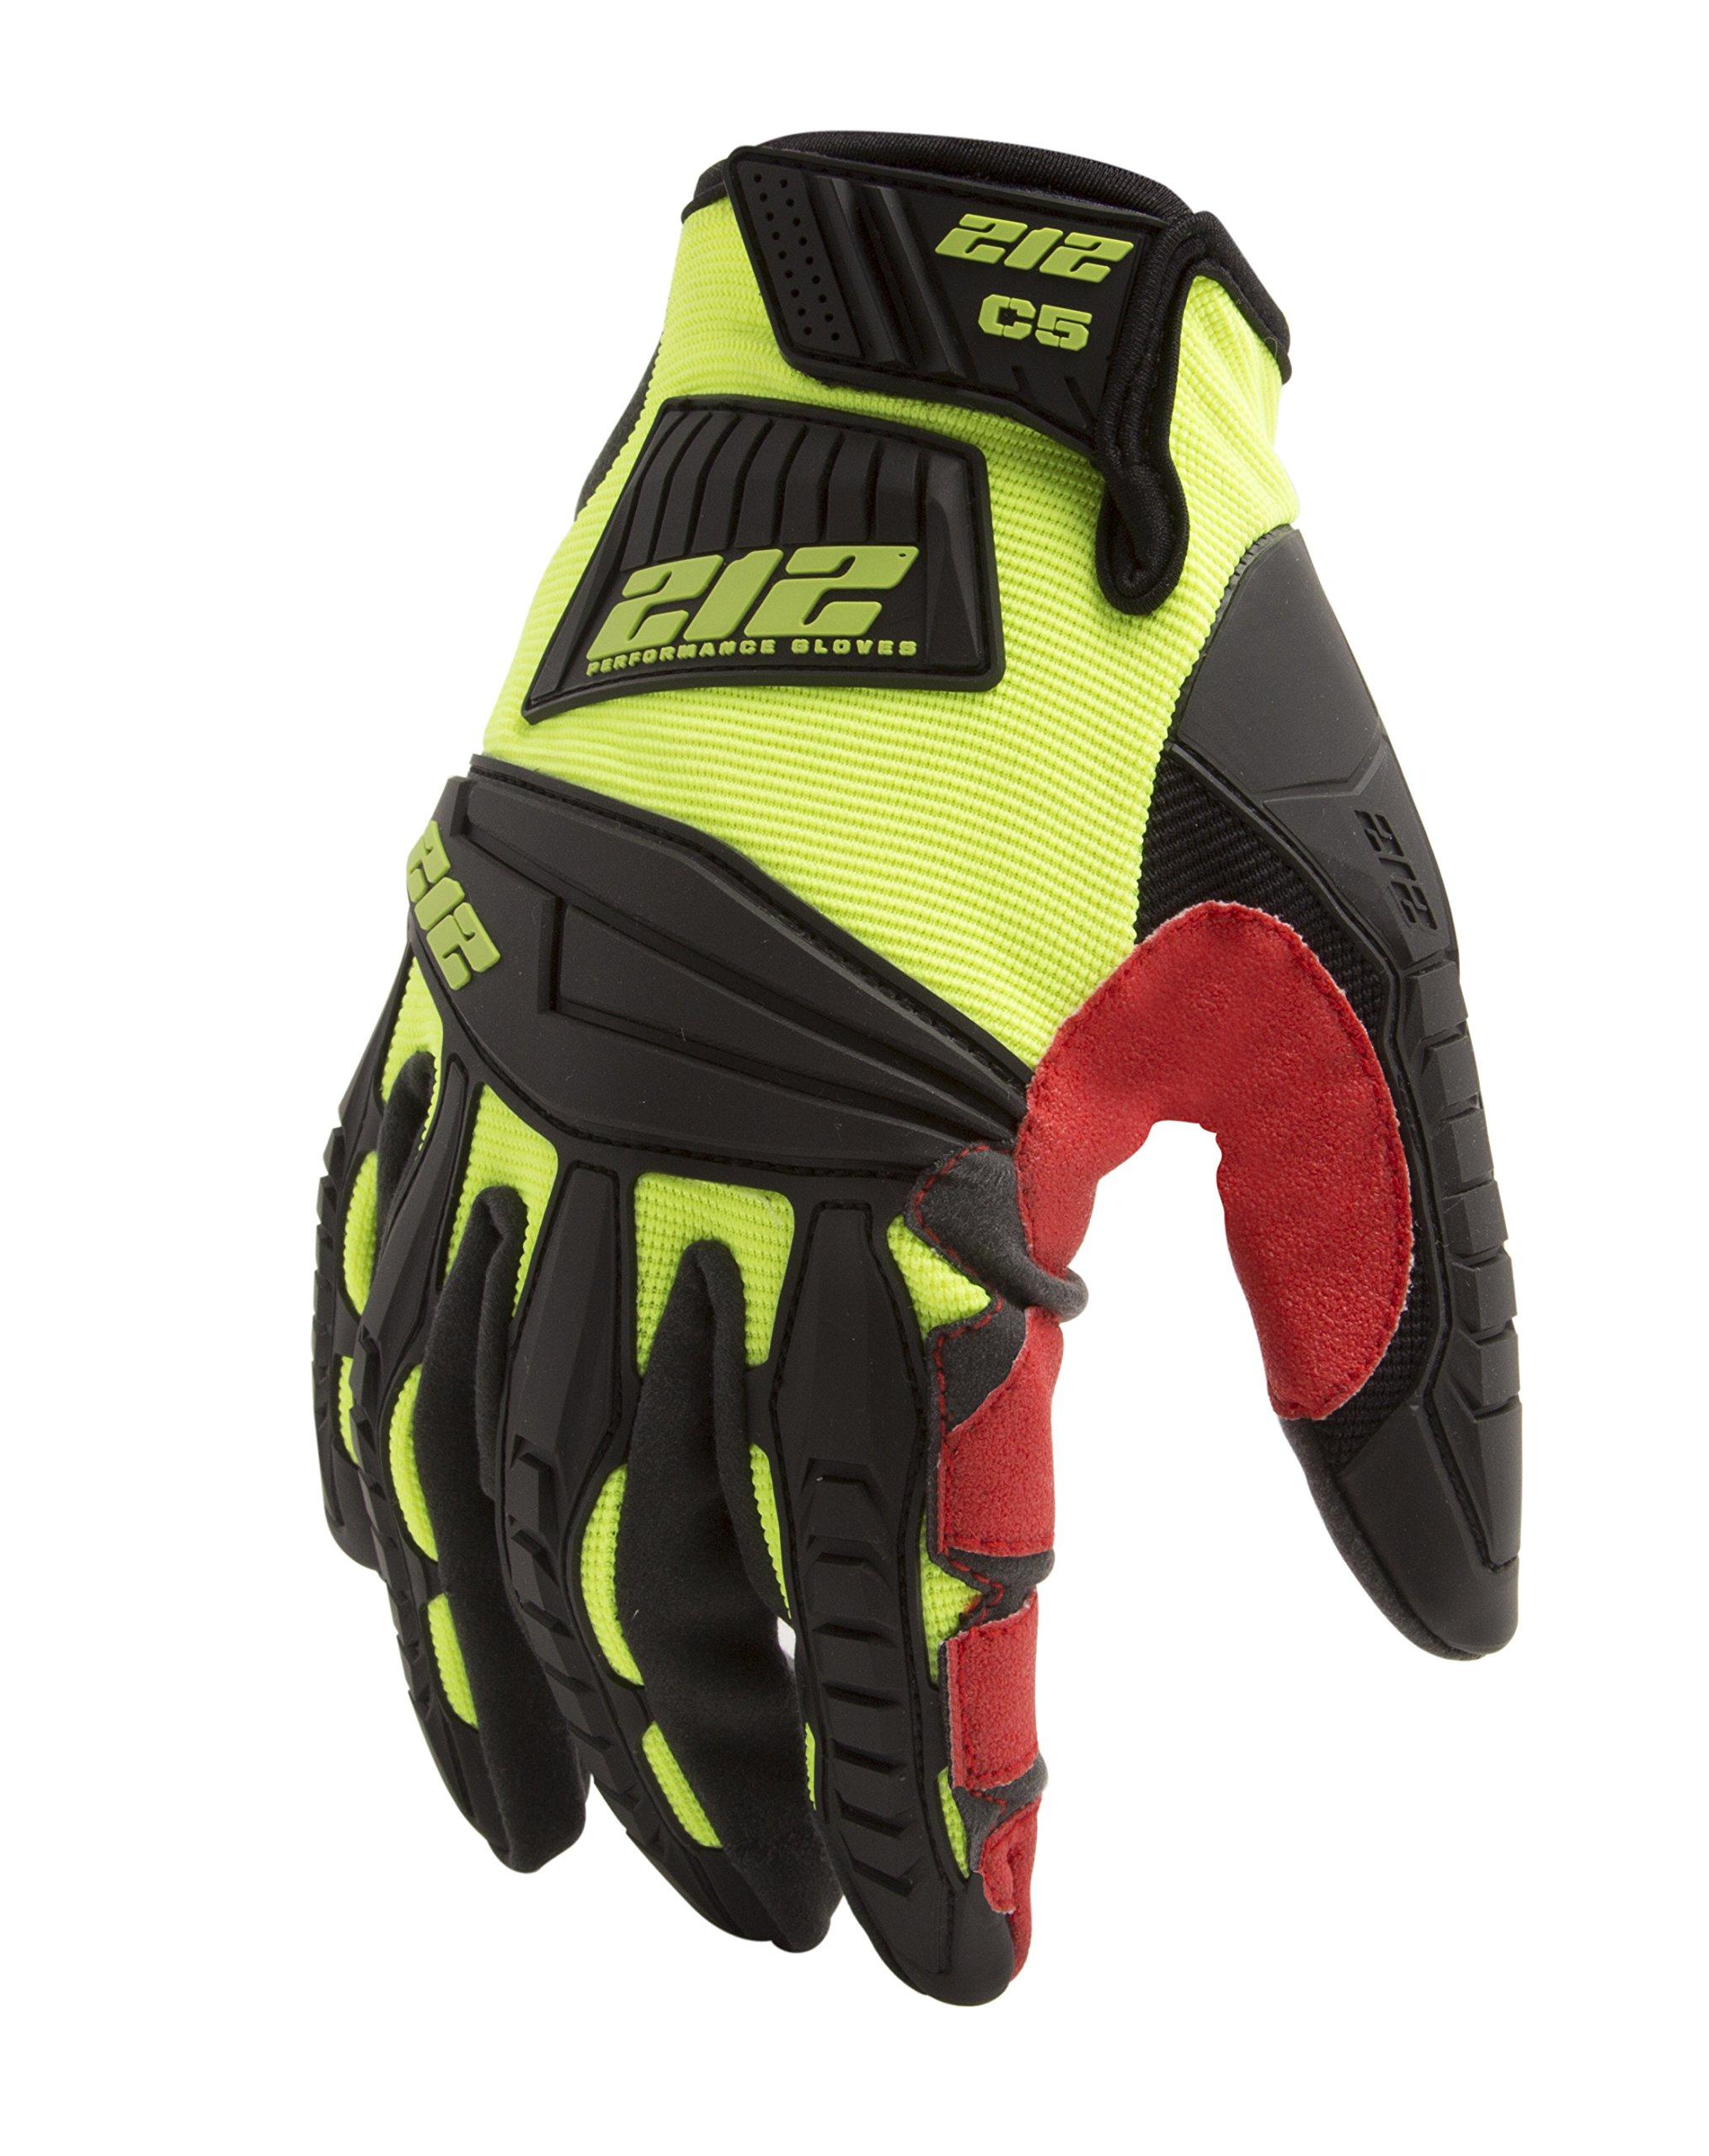 212 Performance Gloves IMPC5-88-010 Super Hi-Vis Cut Resistant Gloves (EN Level 5, ANSI A4), Large